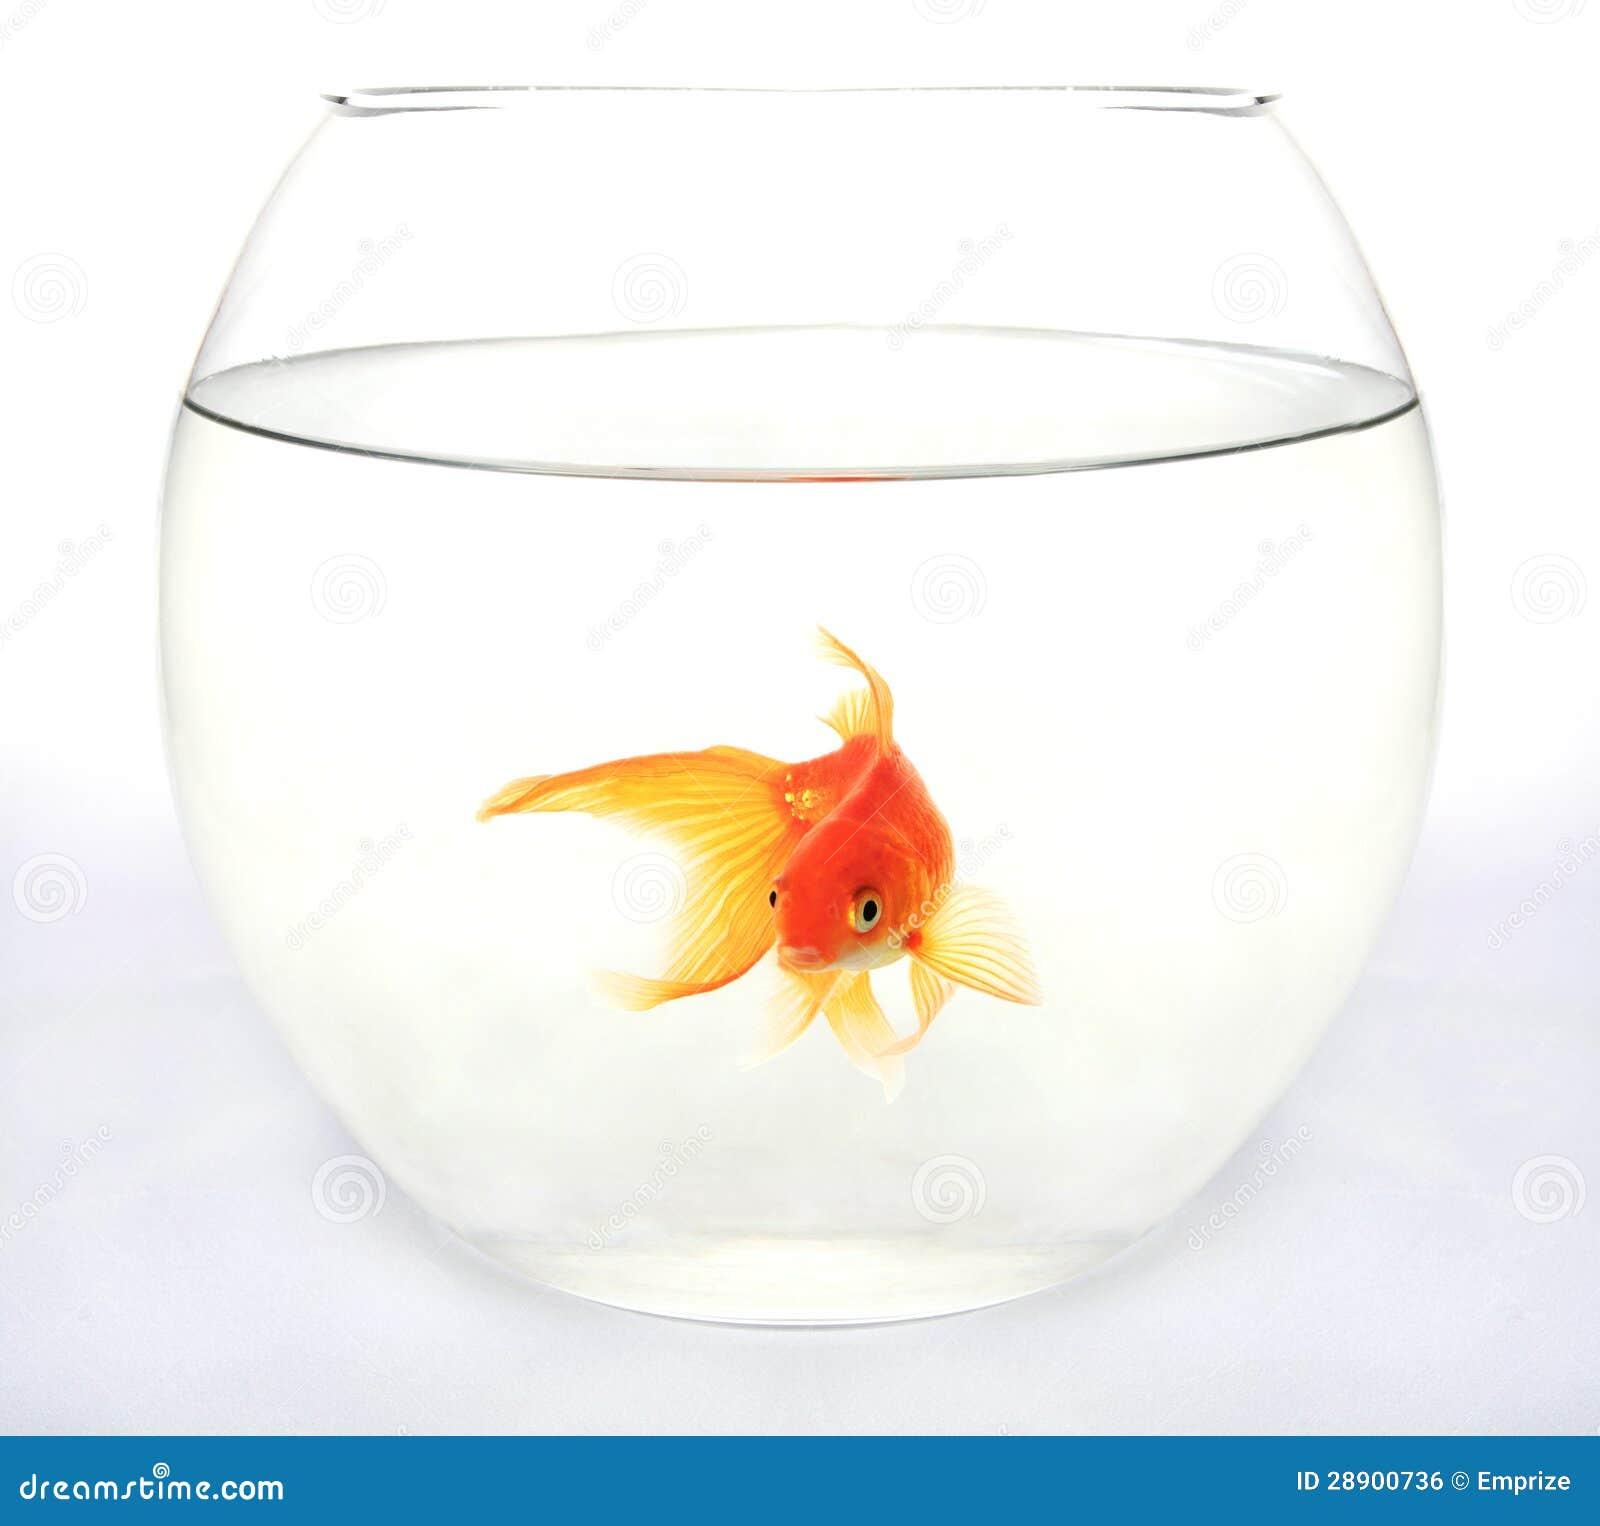 Poissons d 39 or dans l 39 aquarium rond image libre de droits for Bocal rond poisson